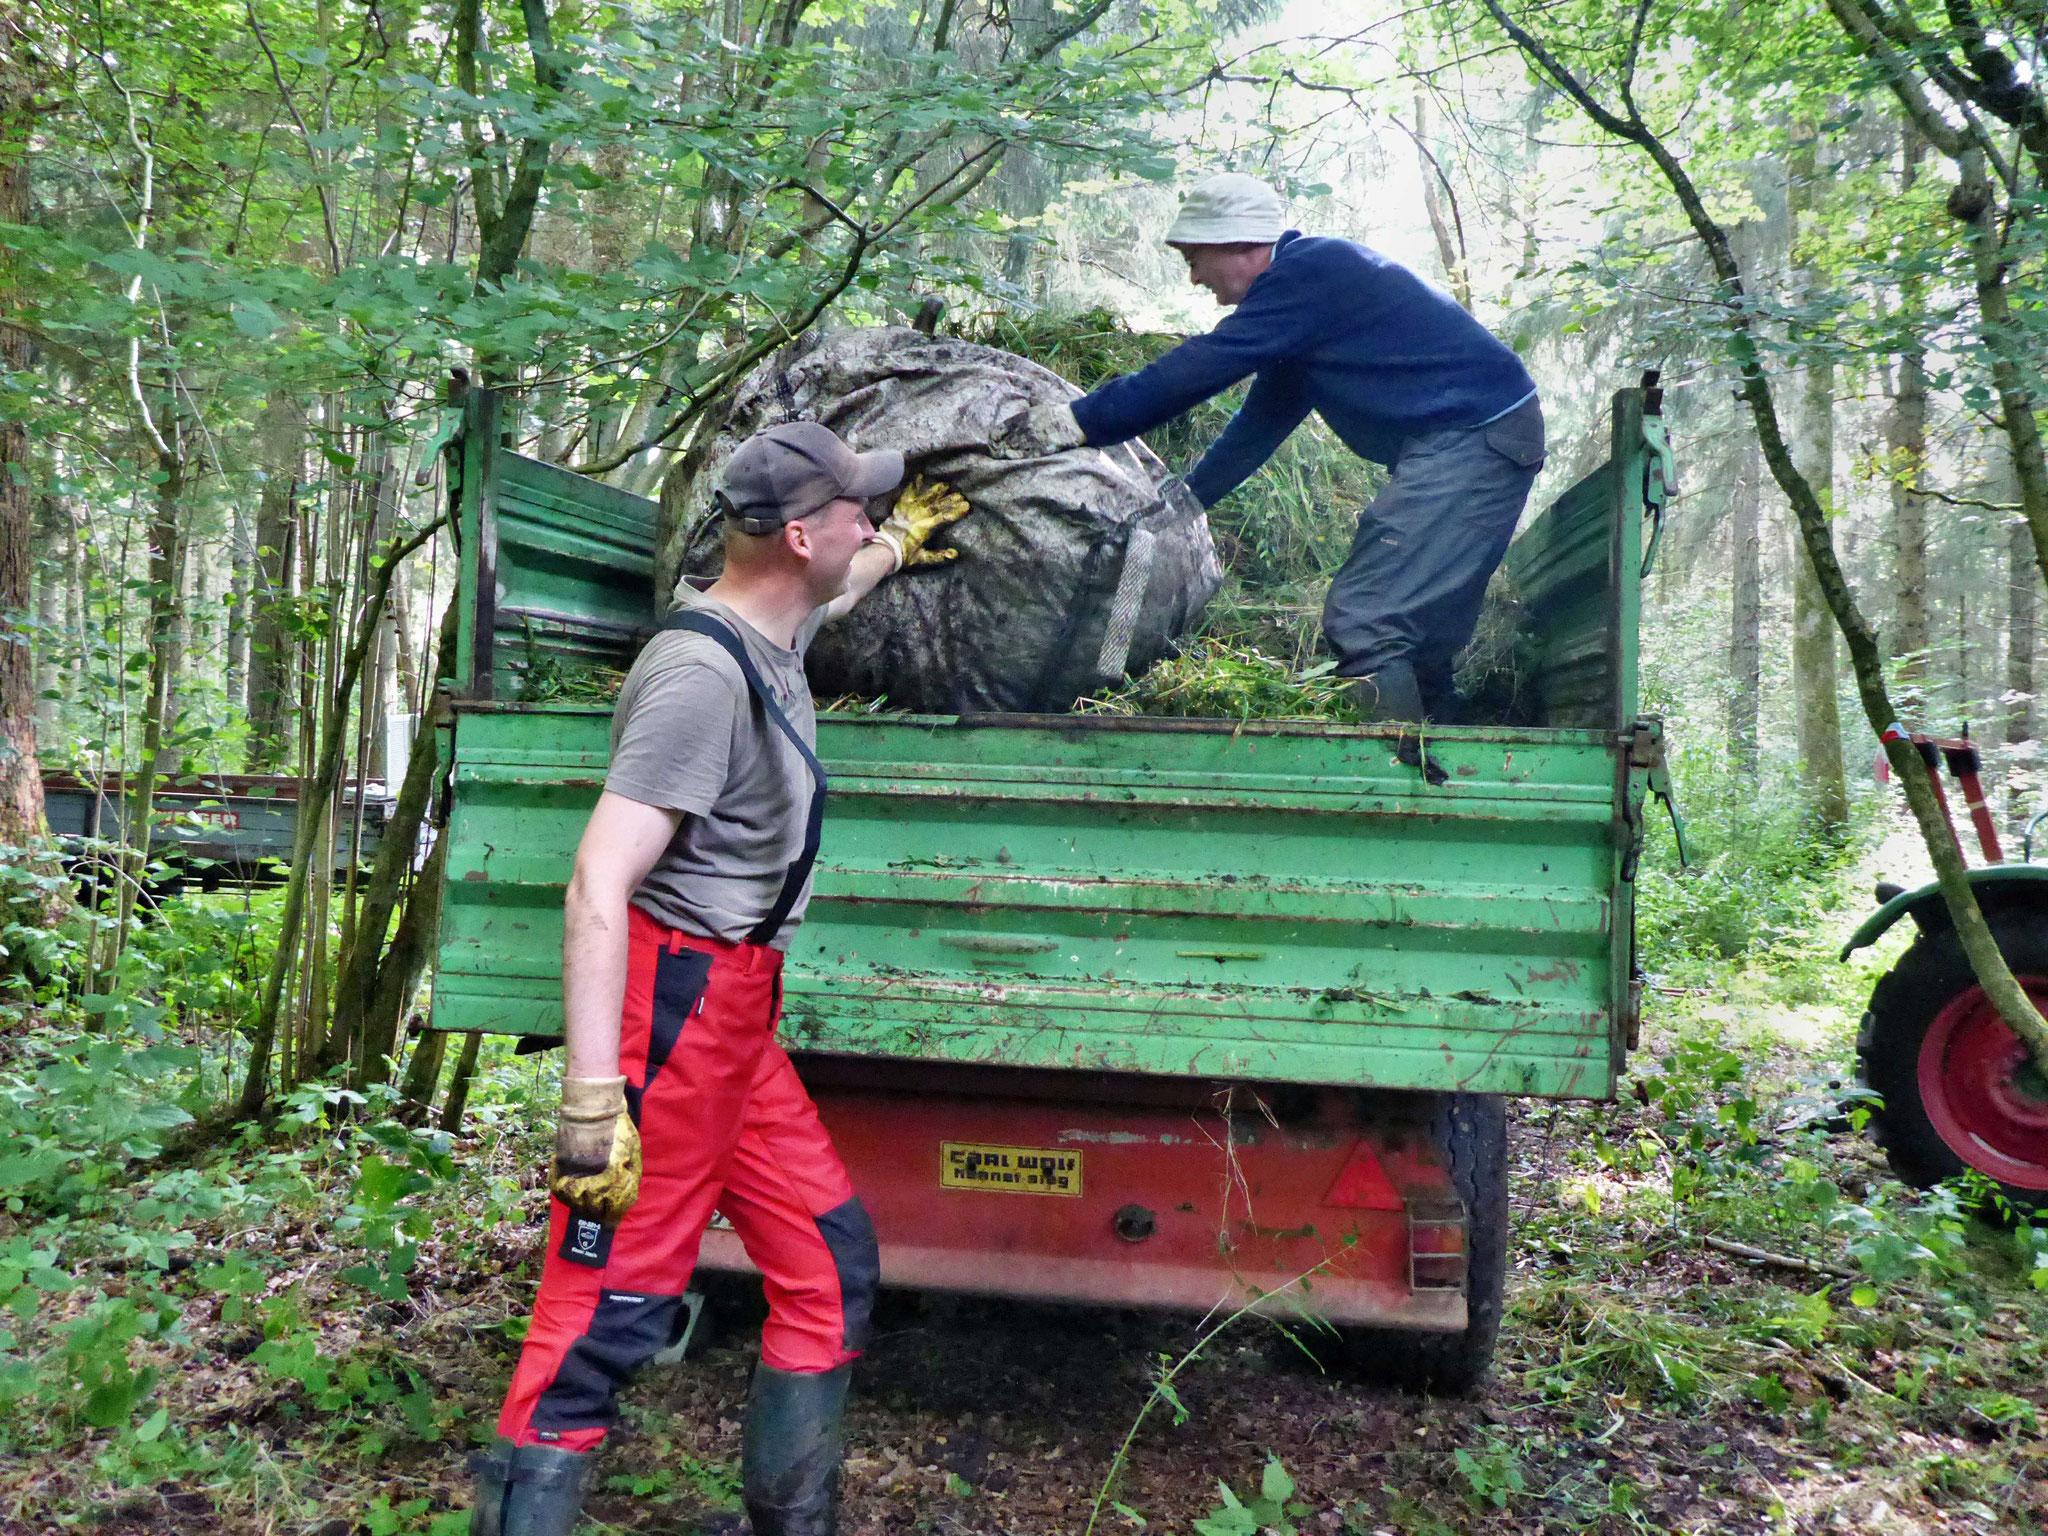 Verladen des Mahdgutes auf den bereit stehenden Anhänger der Kompostierungsanlage.